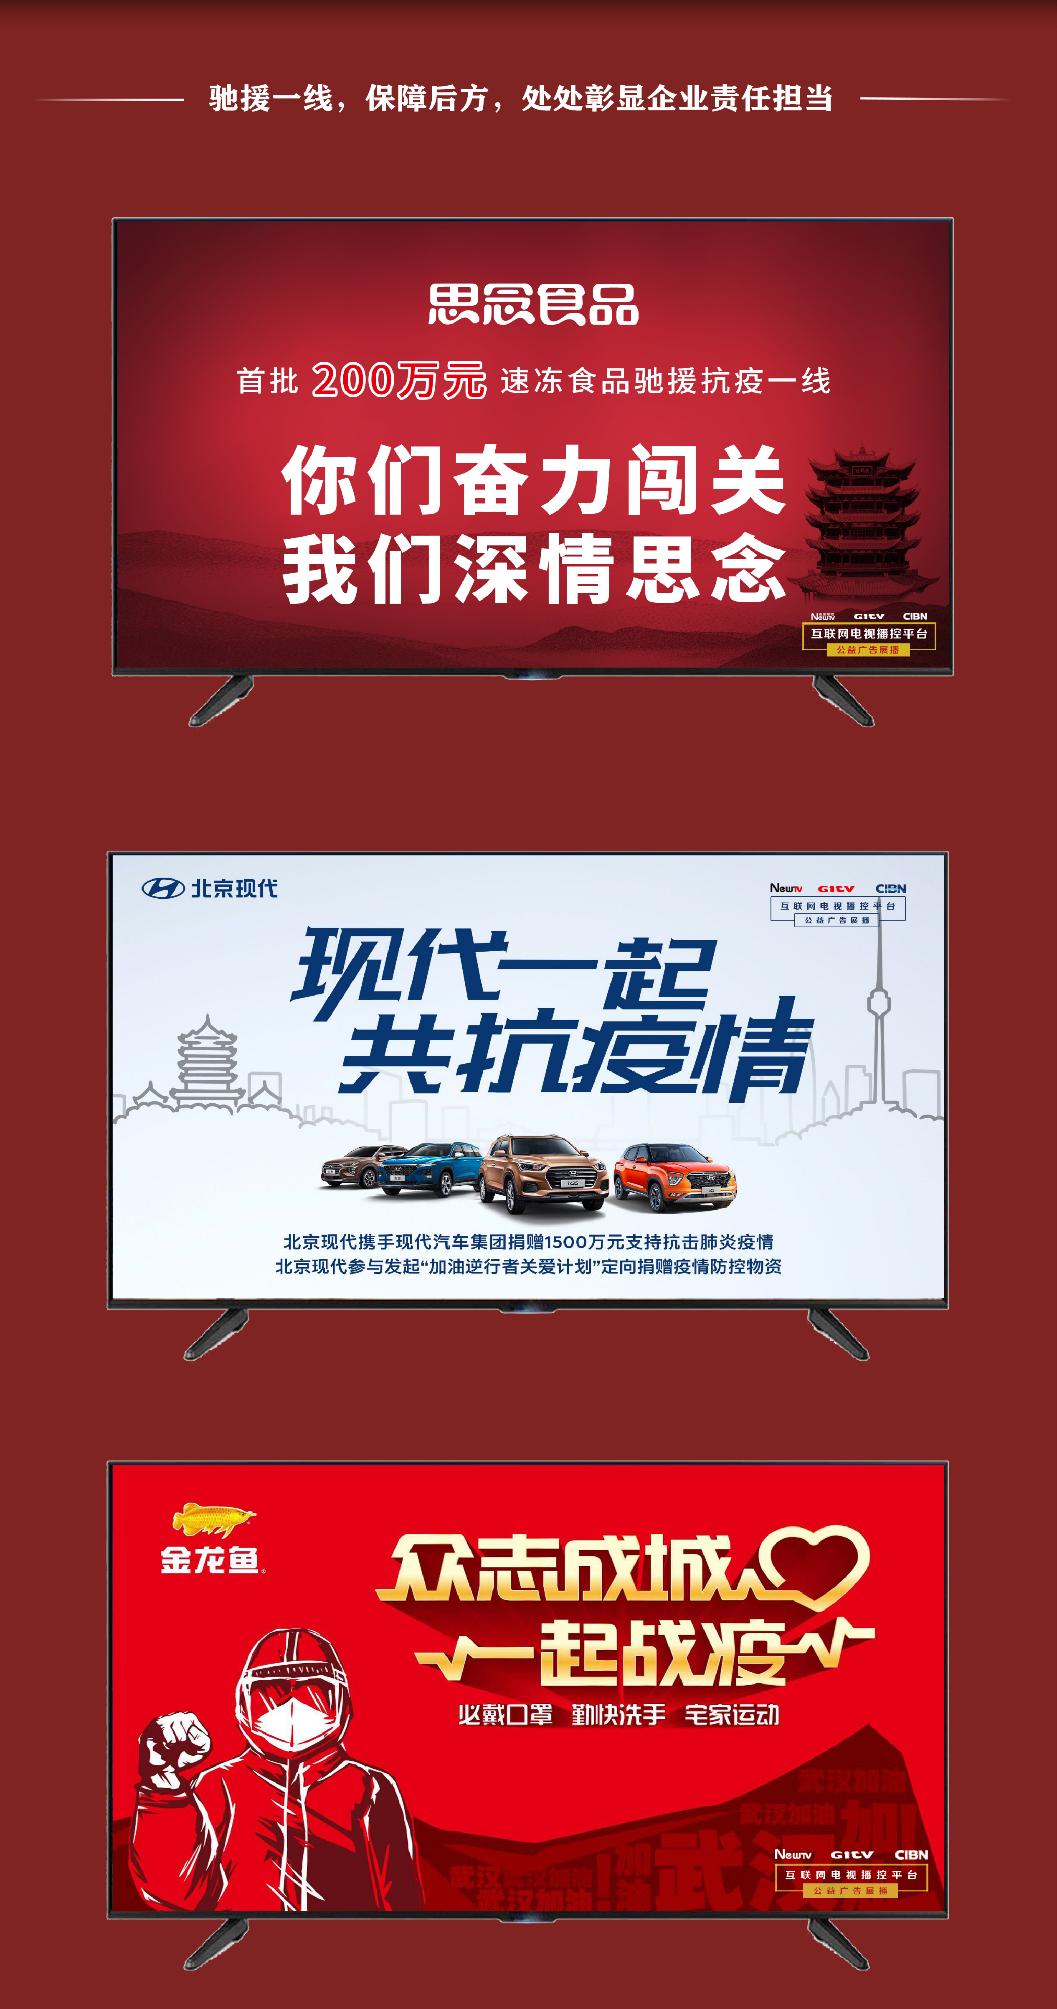 银河互联网电视、未来电视、国广东方共战疫情 公益广告展播热度攀升